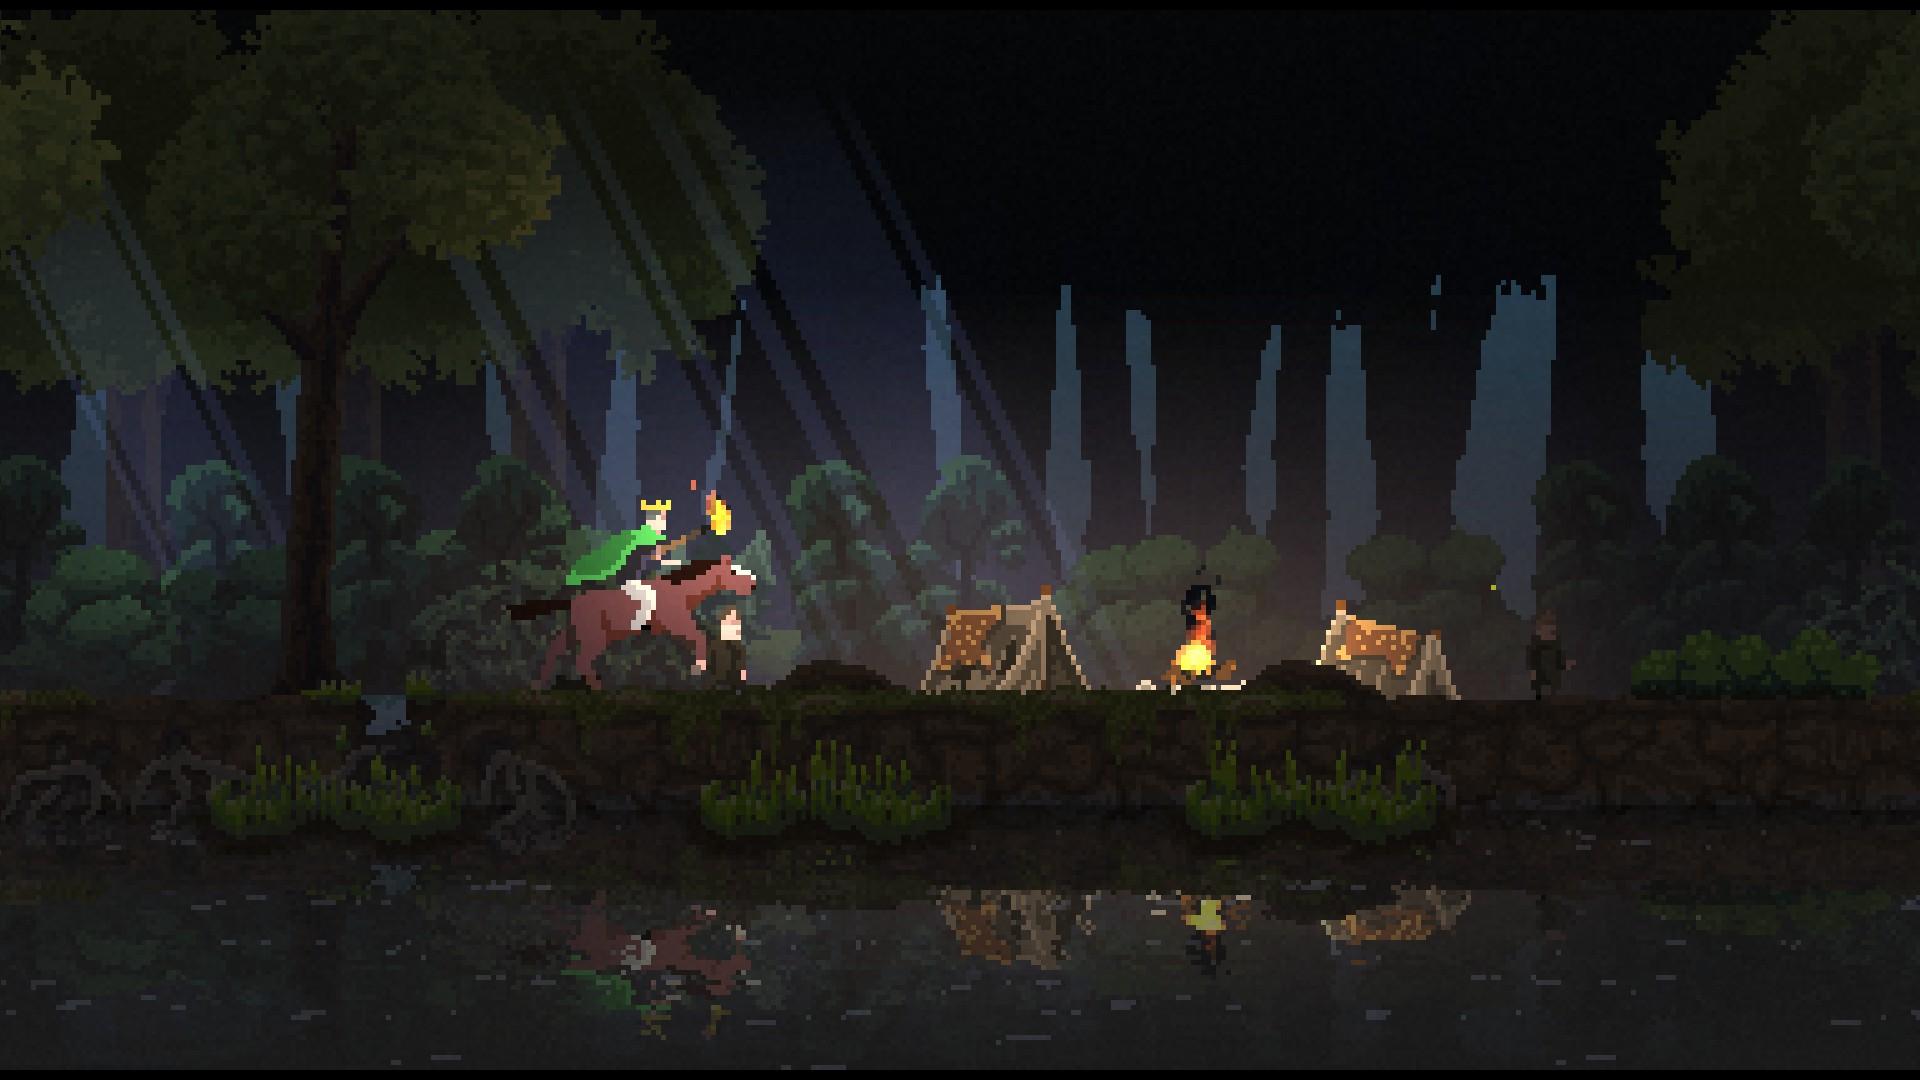 Kingdom - Wilde Menschen im Wald